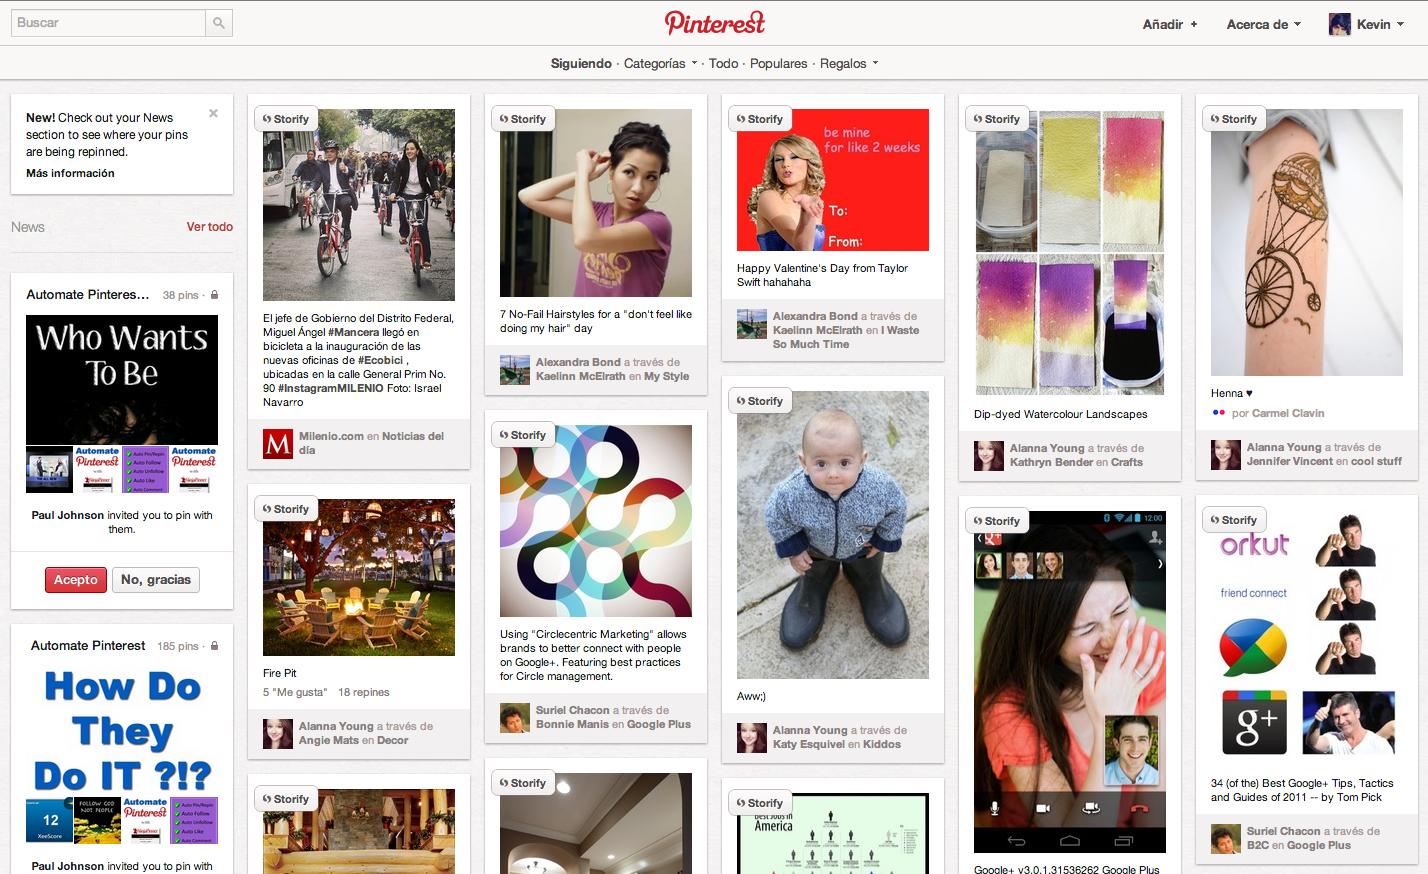 Captura de pantalla 2013-02-16 a la(s) 15.59.11